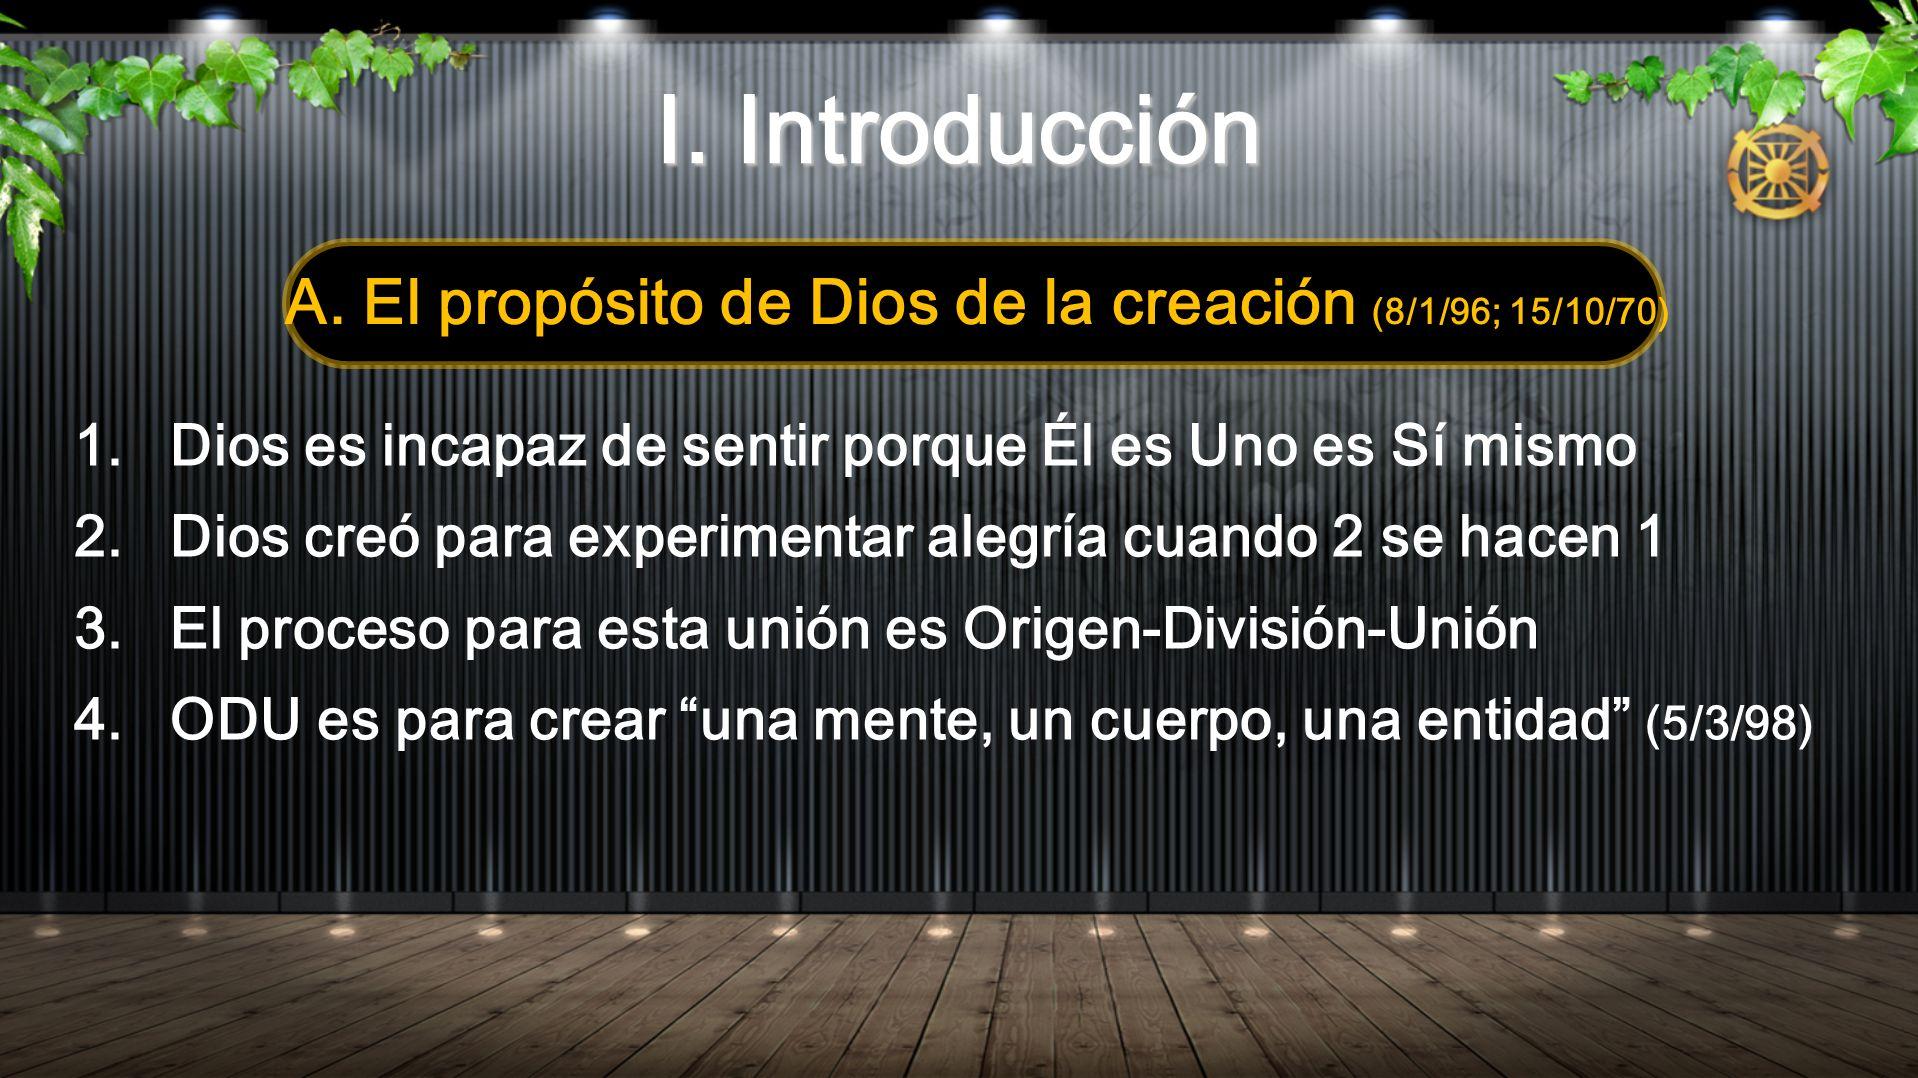 A. El propósito de Dios de la creación (8/1/96; 15/10/70)